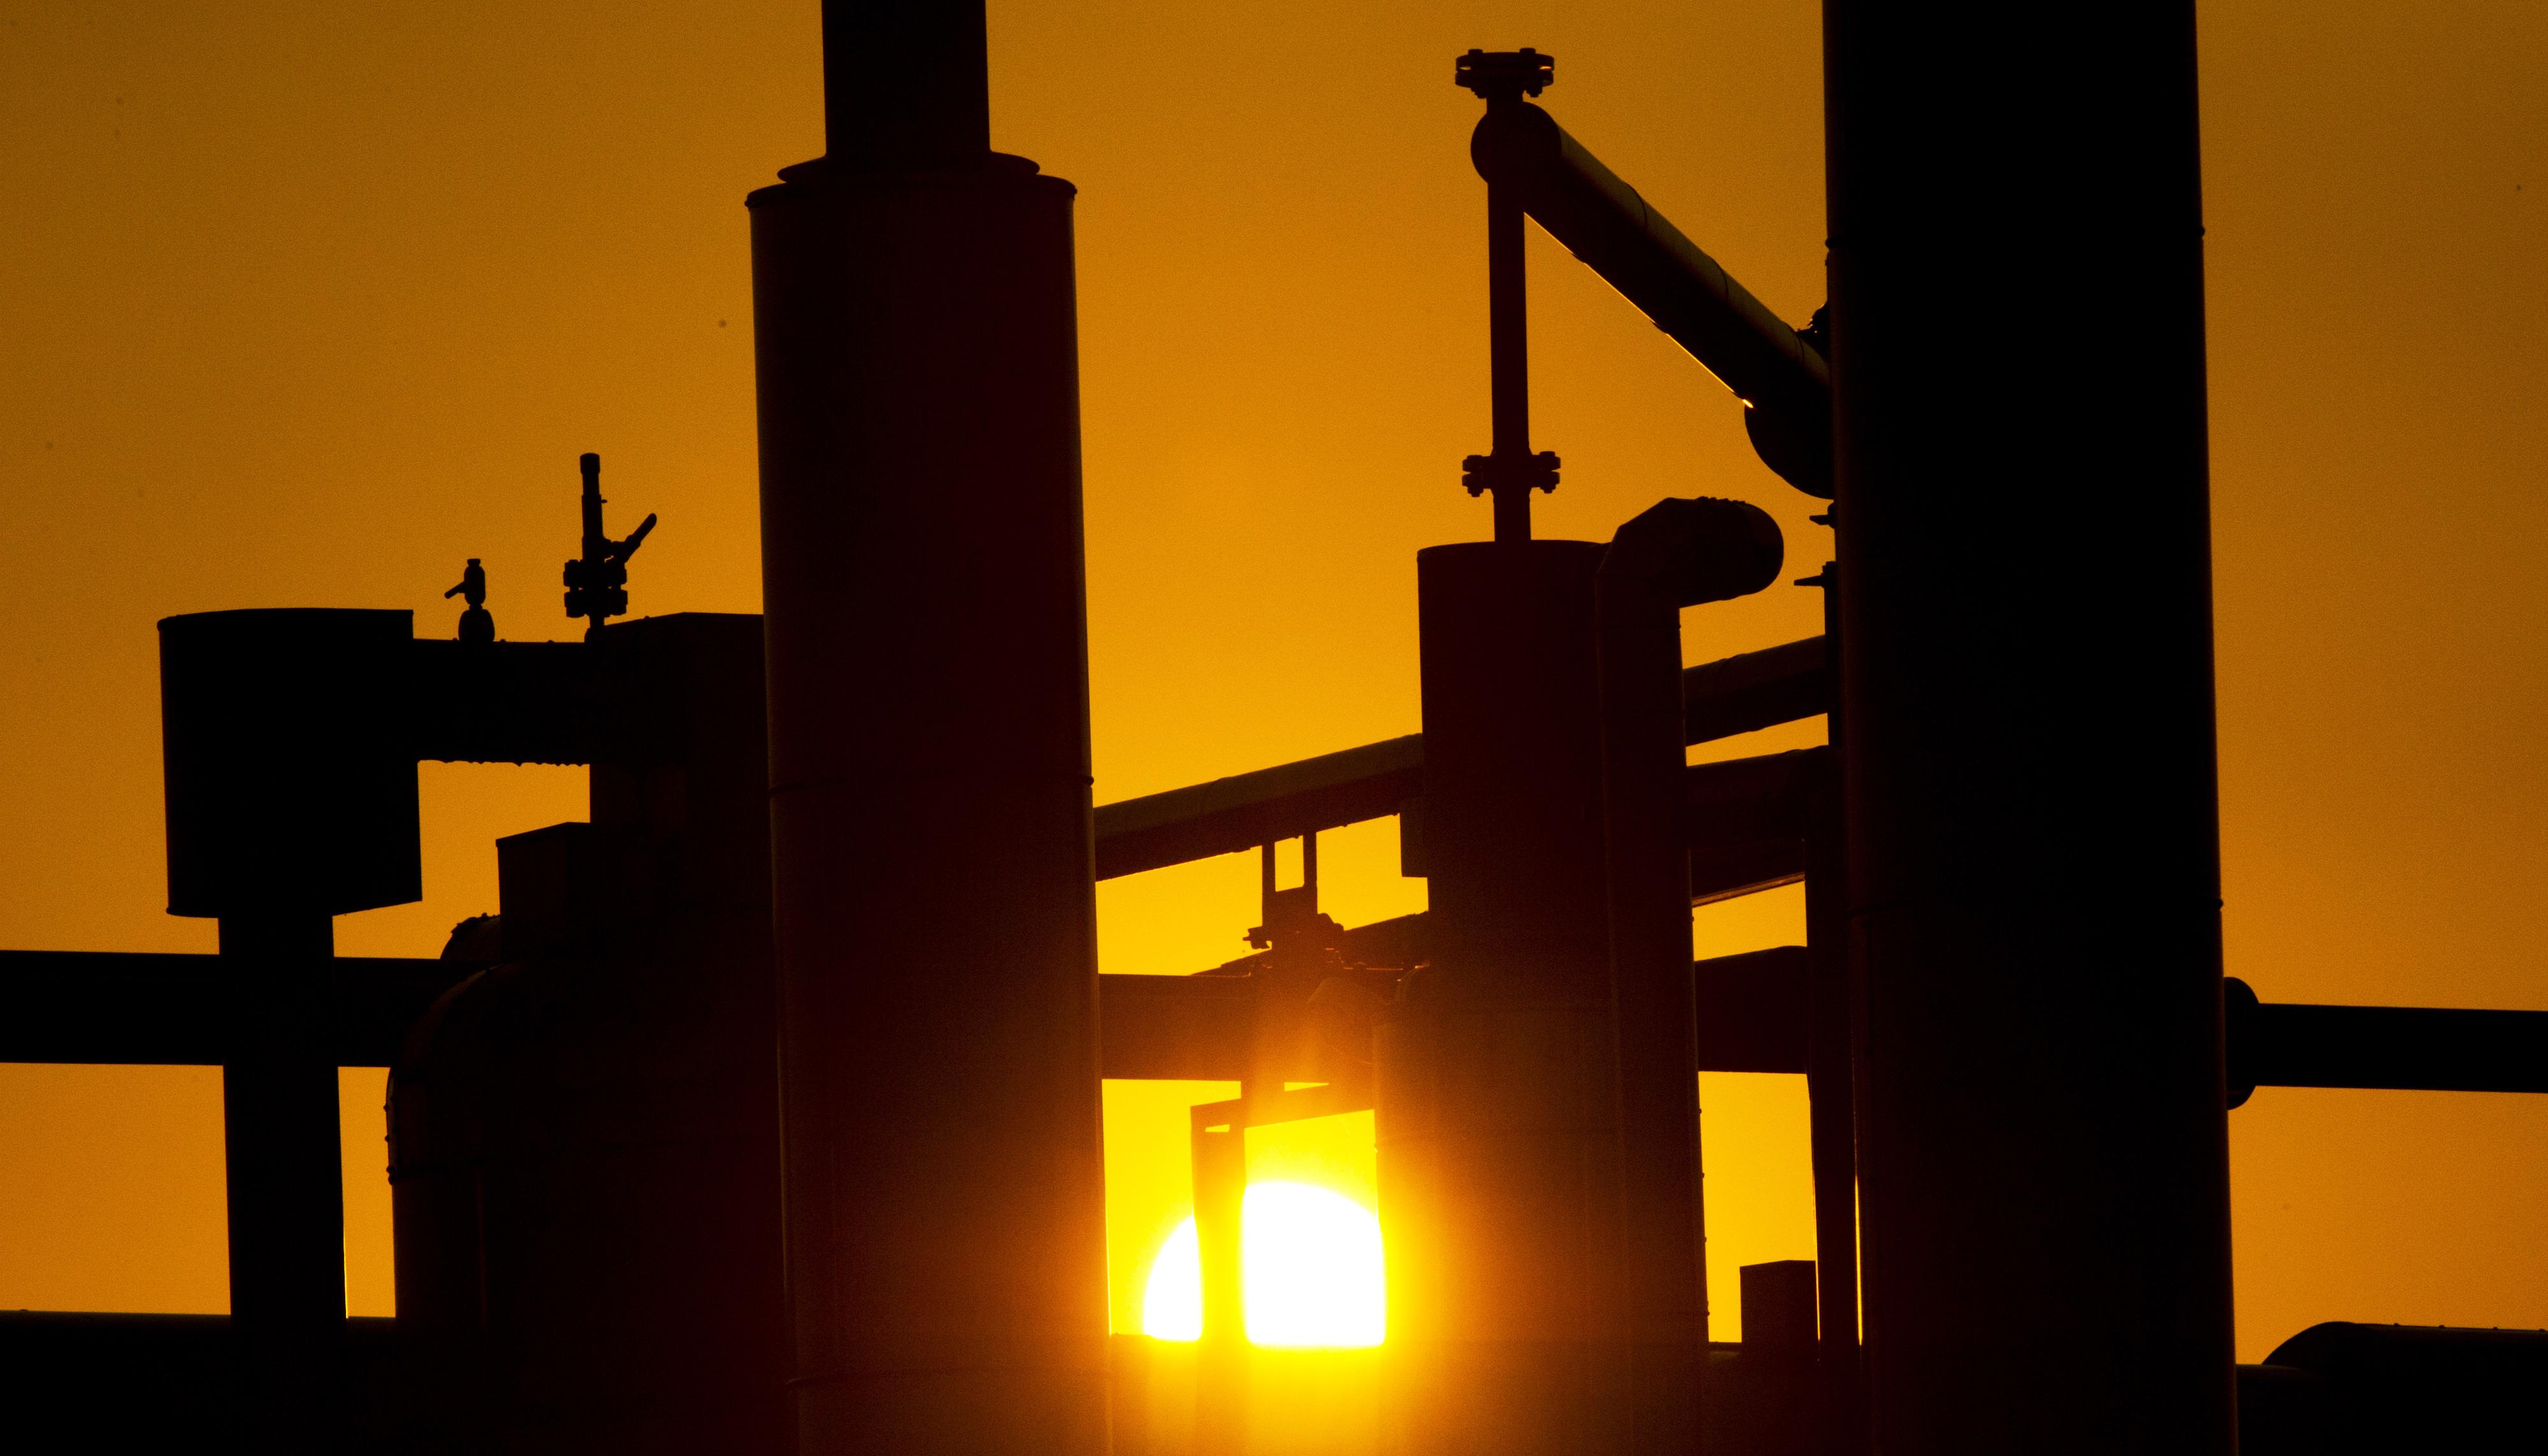 Erdgas-Förderanlage: Davon gibt es im Nordwesten von Niedersachsen viele. Foto: dpa/Reinhardt